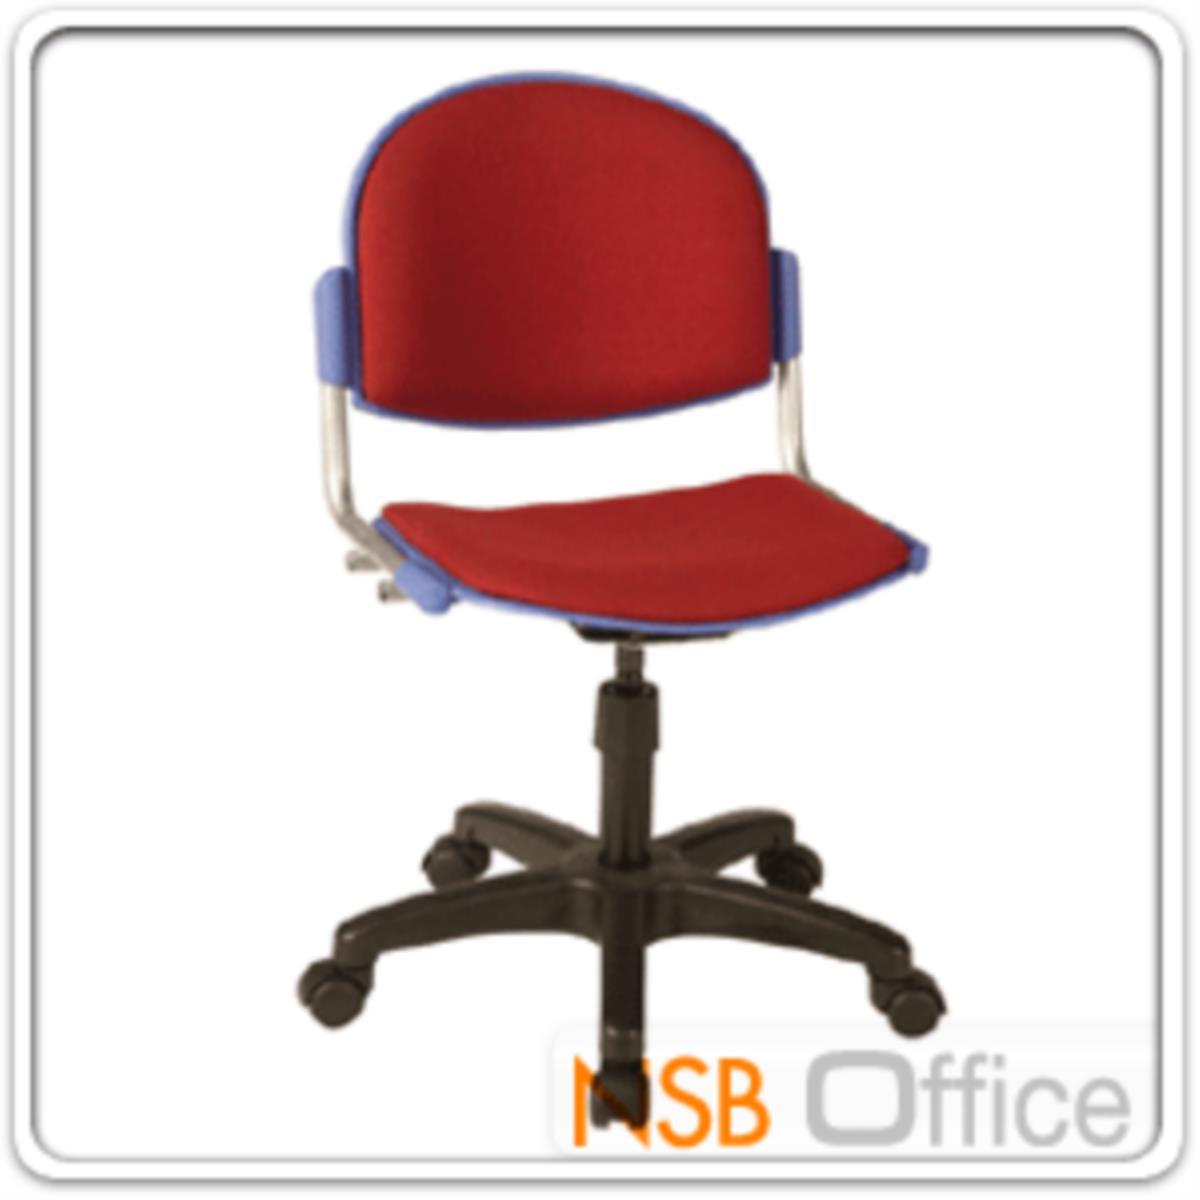 เก้าอี้สำนักงานโพลี่ รุ่น Pebble (เพ็บเบิล) ขาไฟเบอร์ดำ